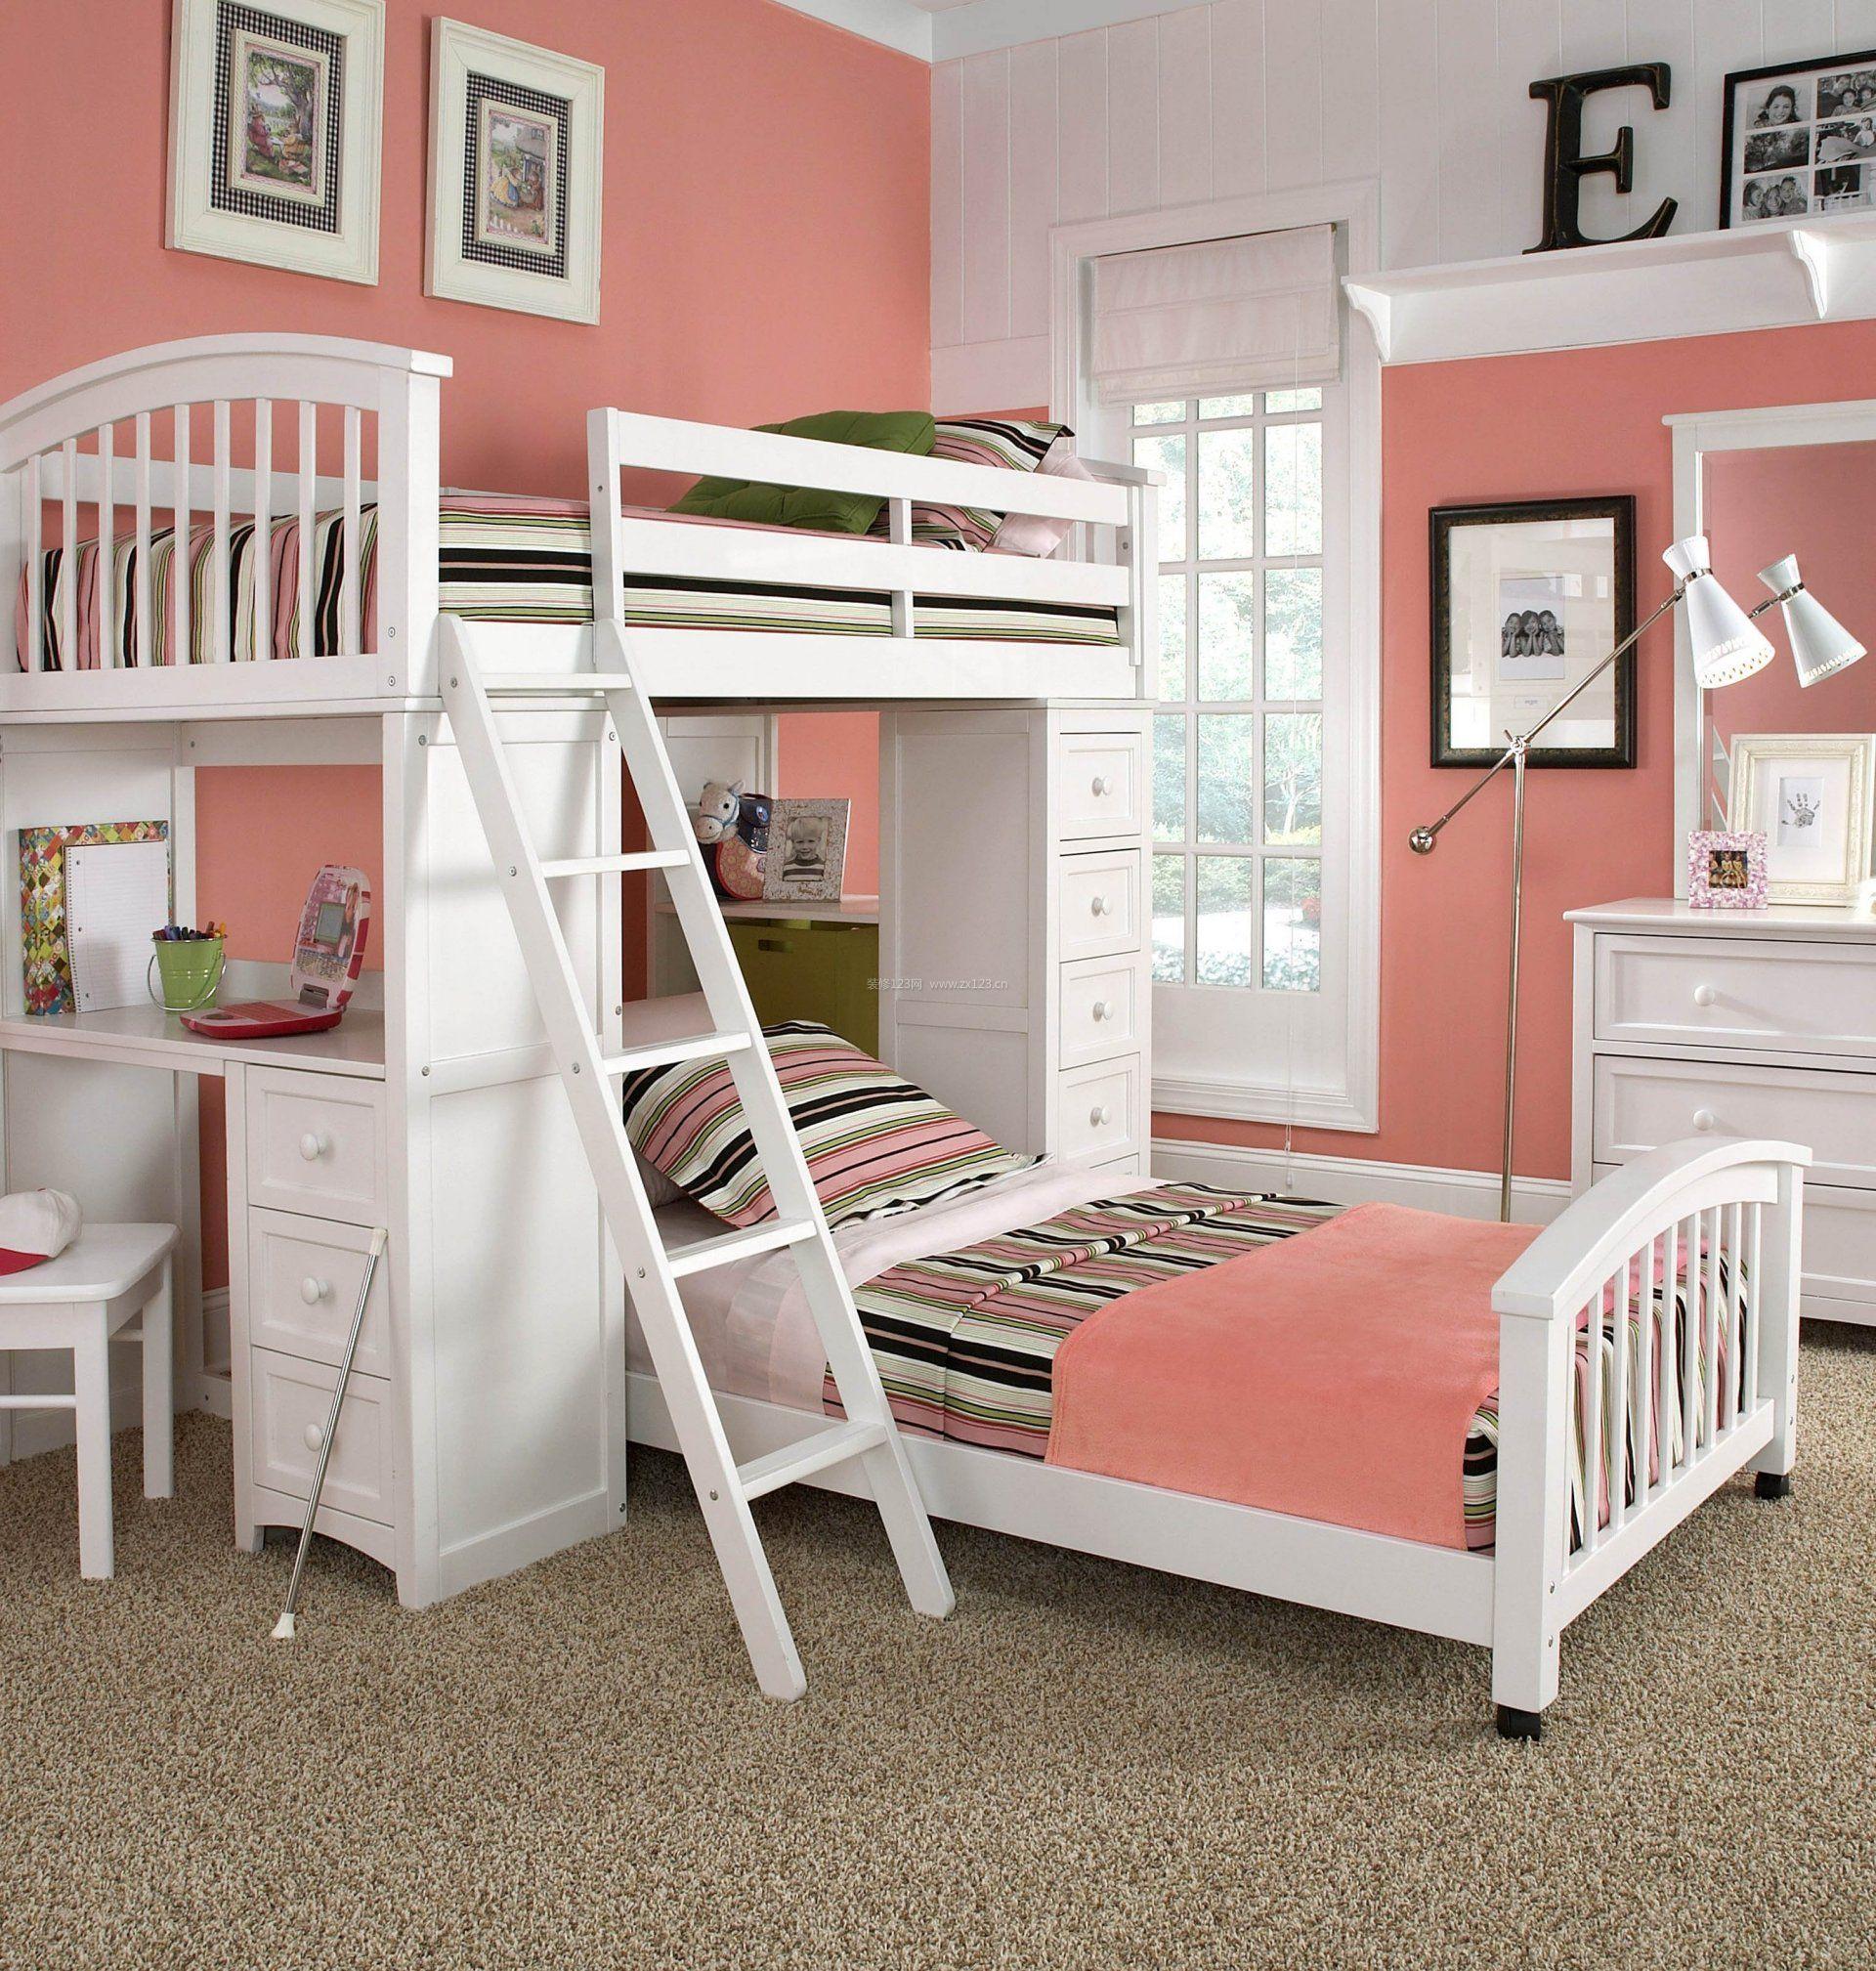 小房间设计图卧室图片_房间小怎么布置床